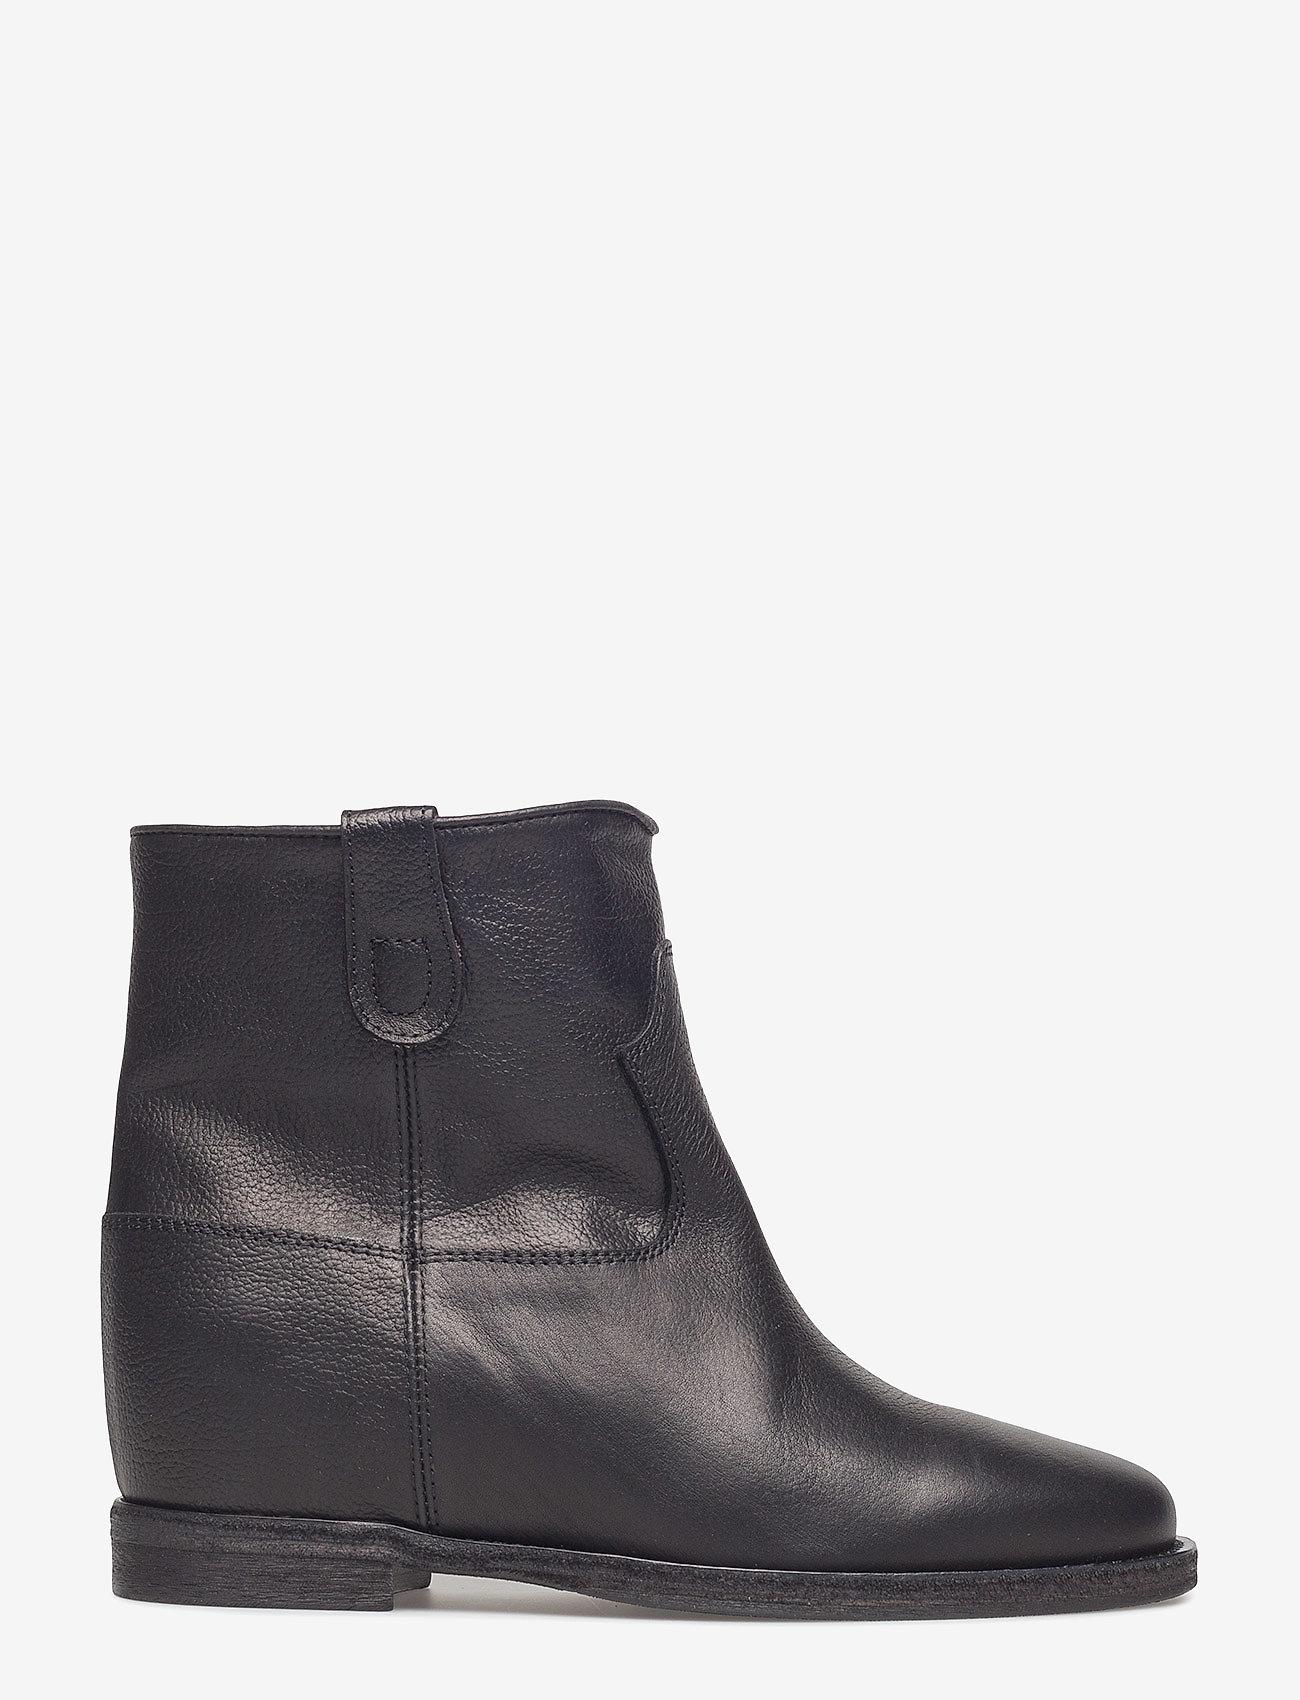 NOTABENE - Isa - ankelstøvletter med hæl - black leather - 1